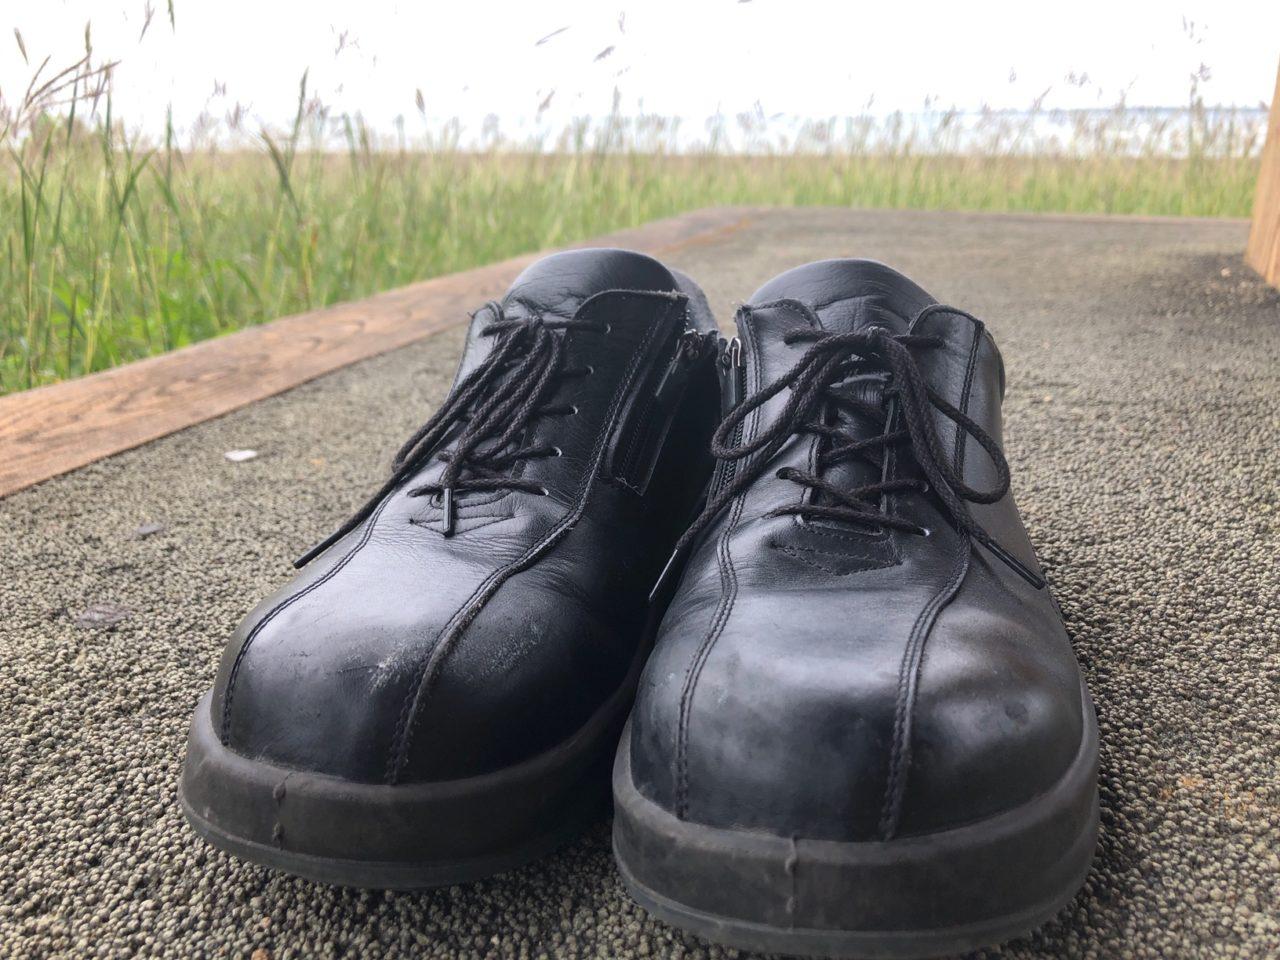 安全靴&スーツでおしゃれに出張!履き替え不要で荷物が減少しミニマリストにピッタリ